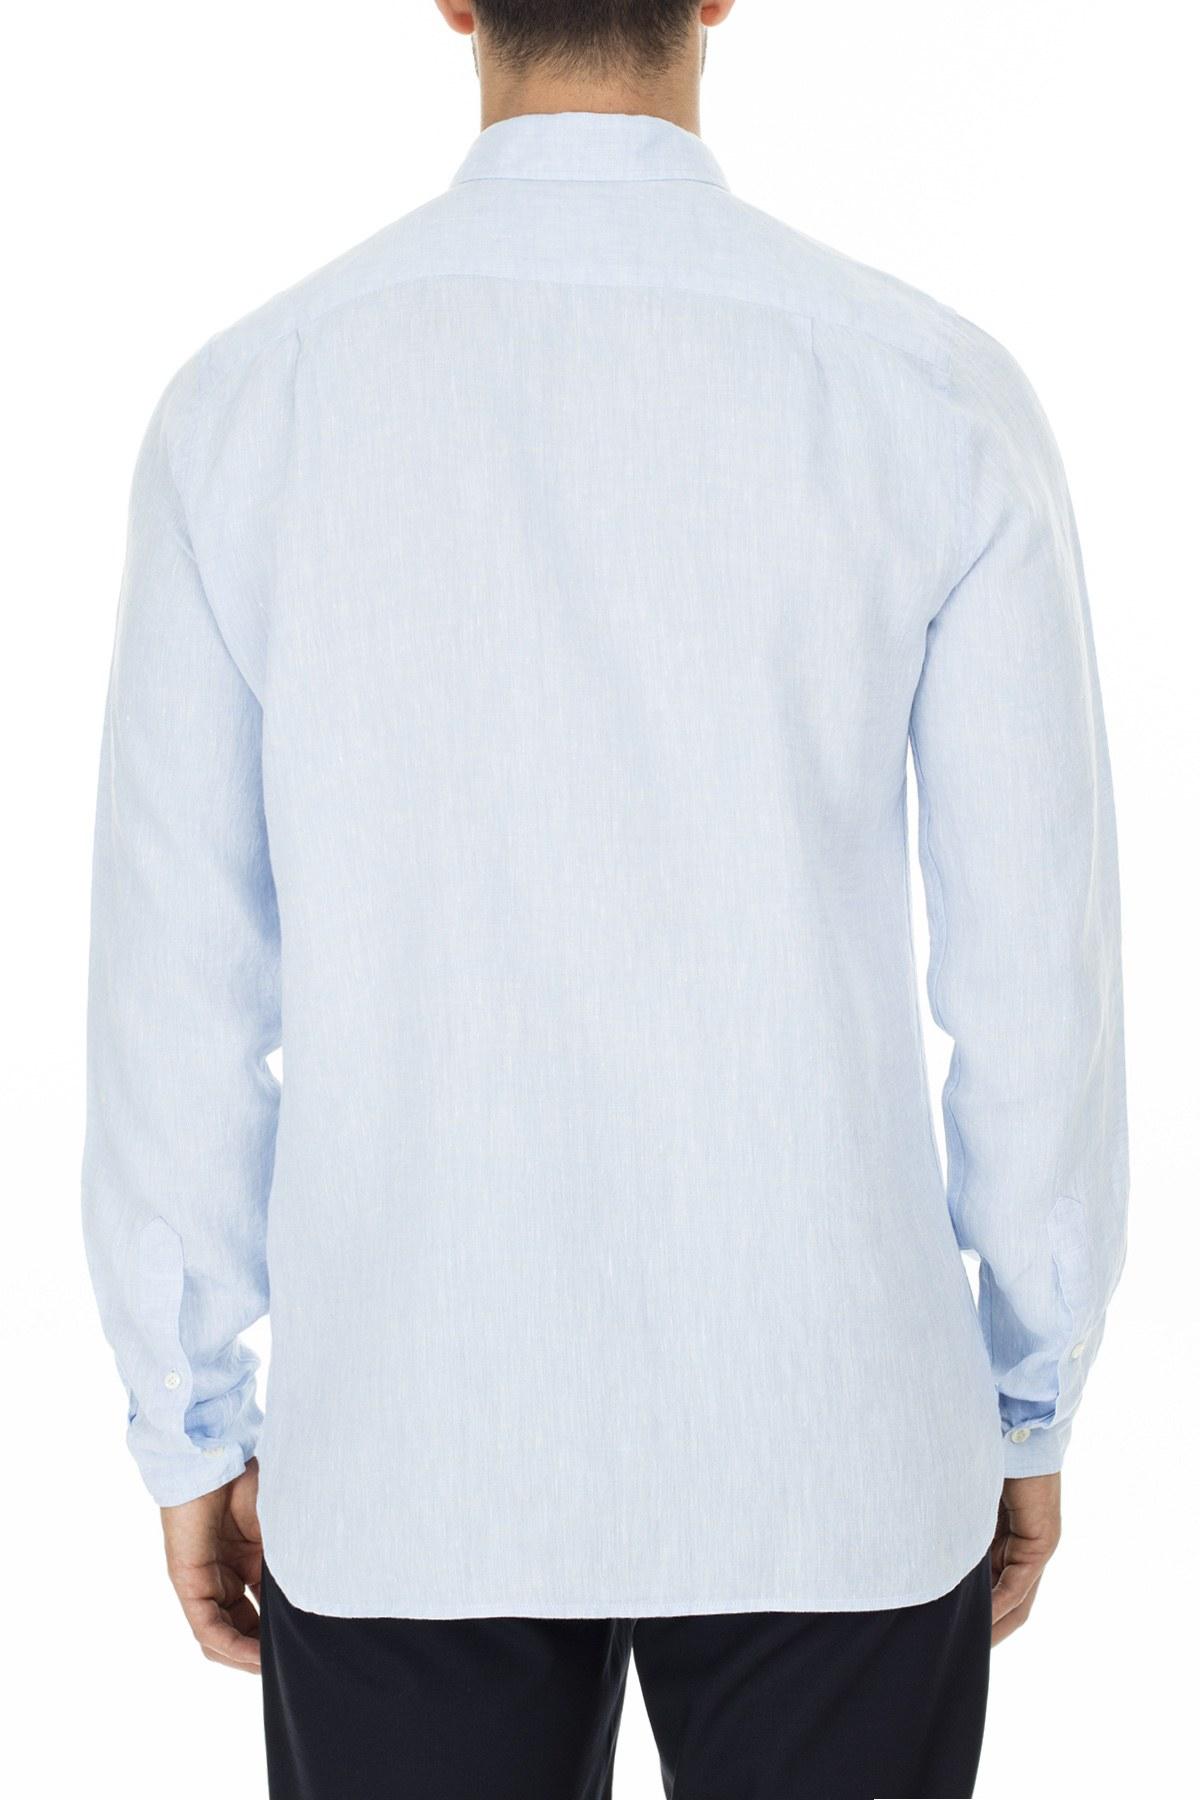 Lacoste Uzun Kollu Slim Fit Erkek Gömlek CH4990T T01 AÇIK MAVİ